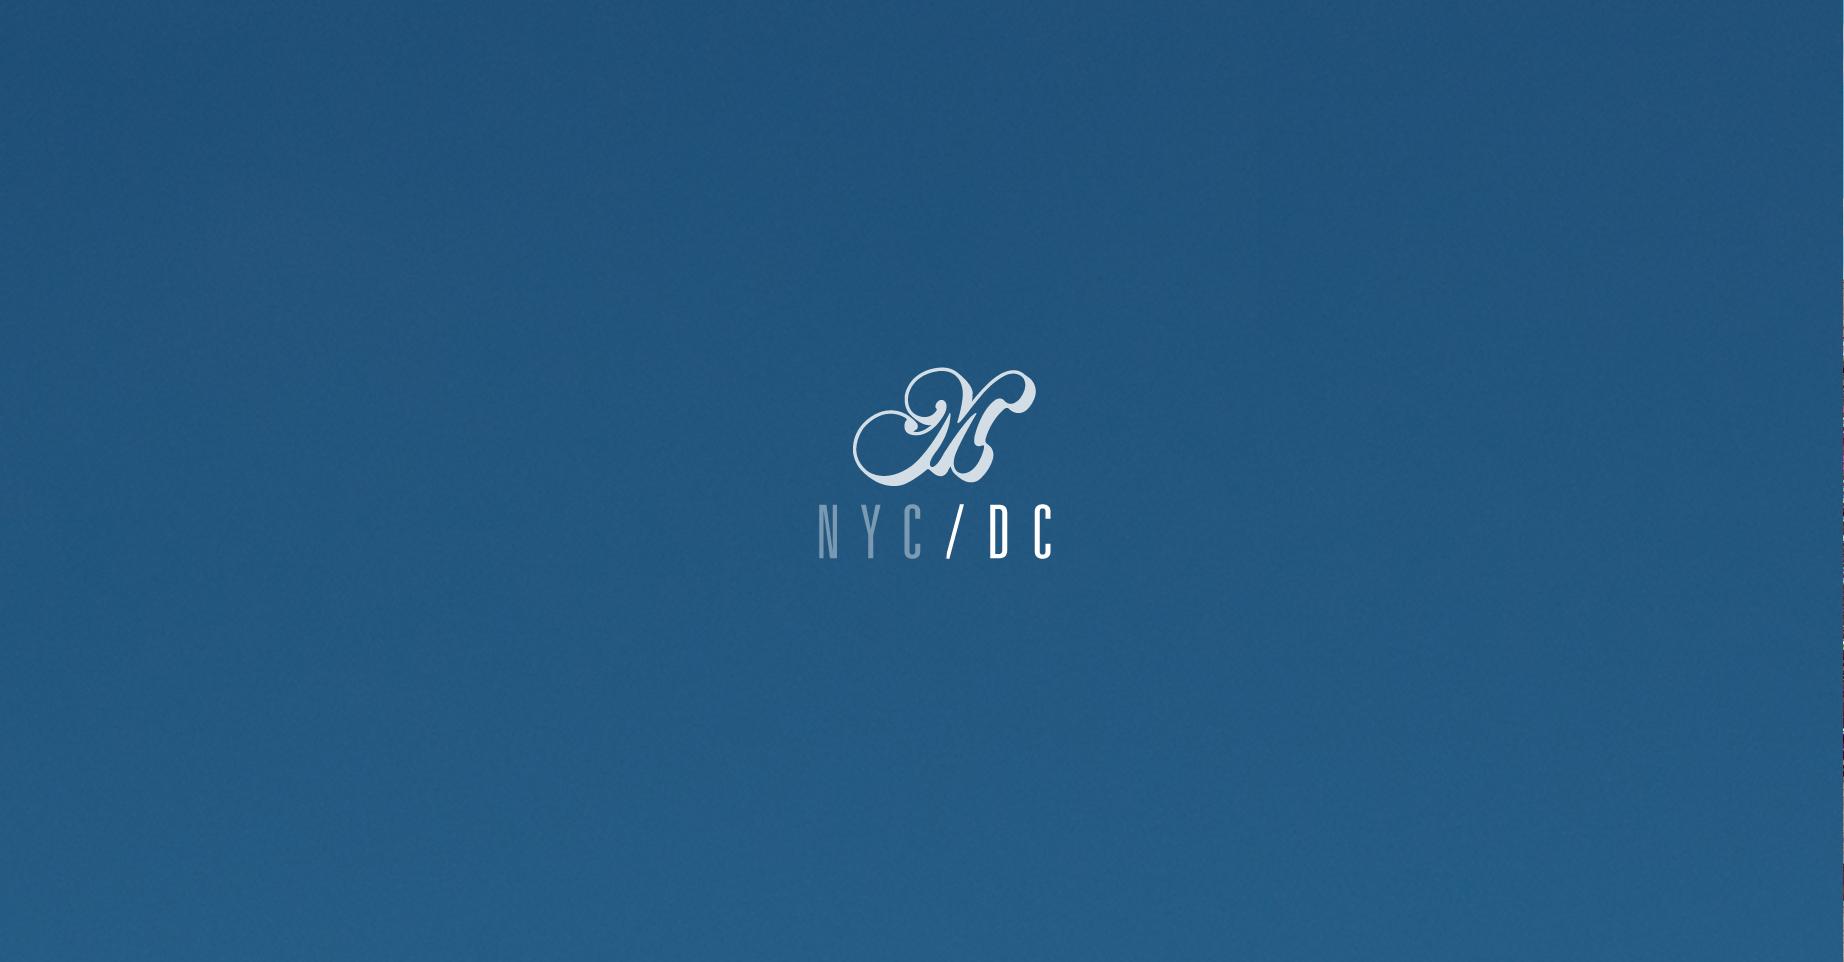 MOTLEY_DC-ALEX_f1.jpg